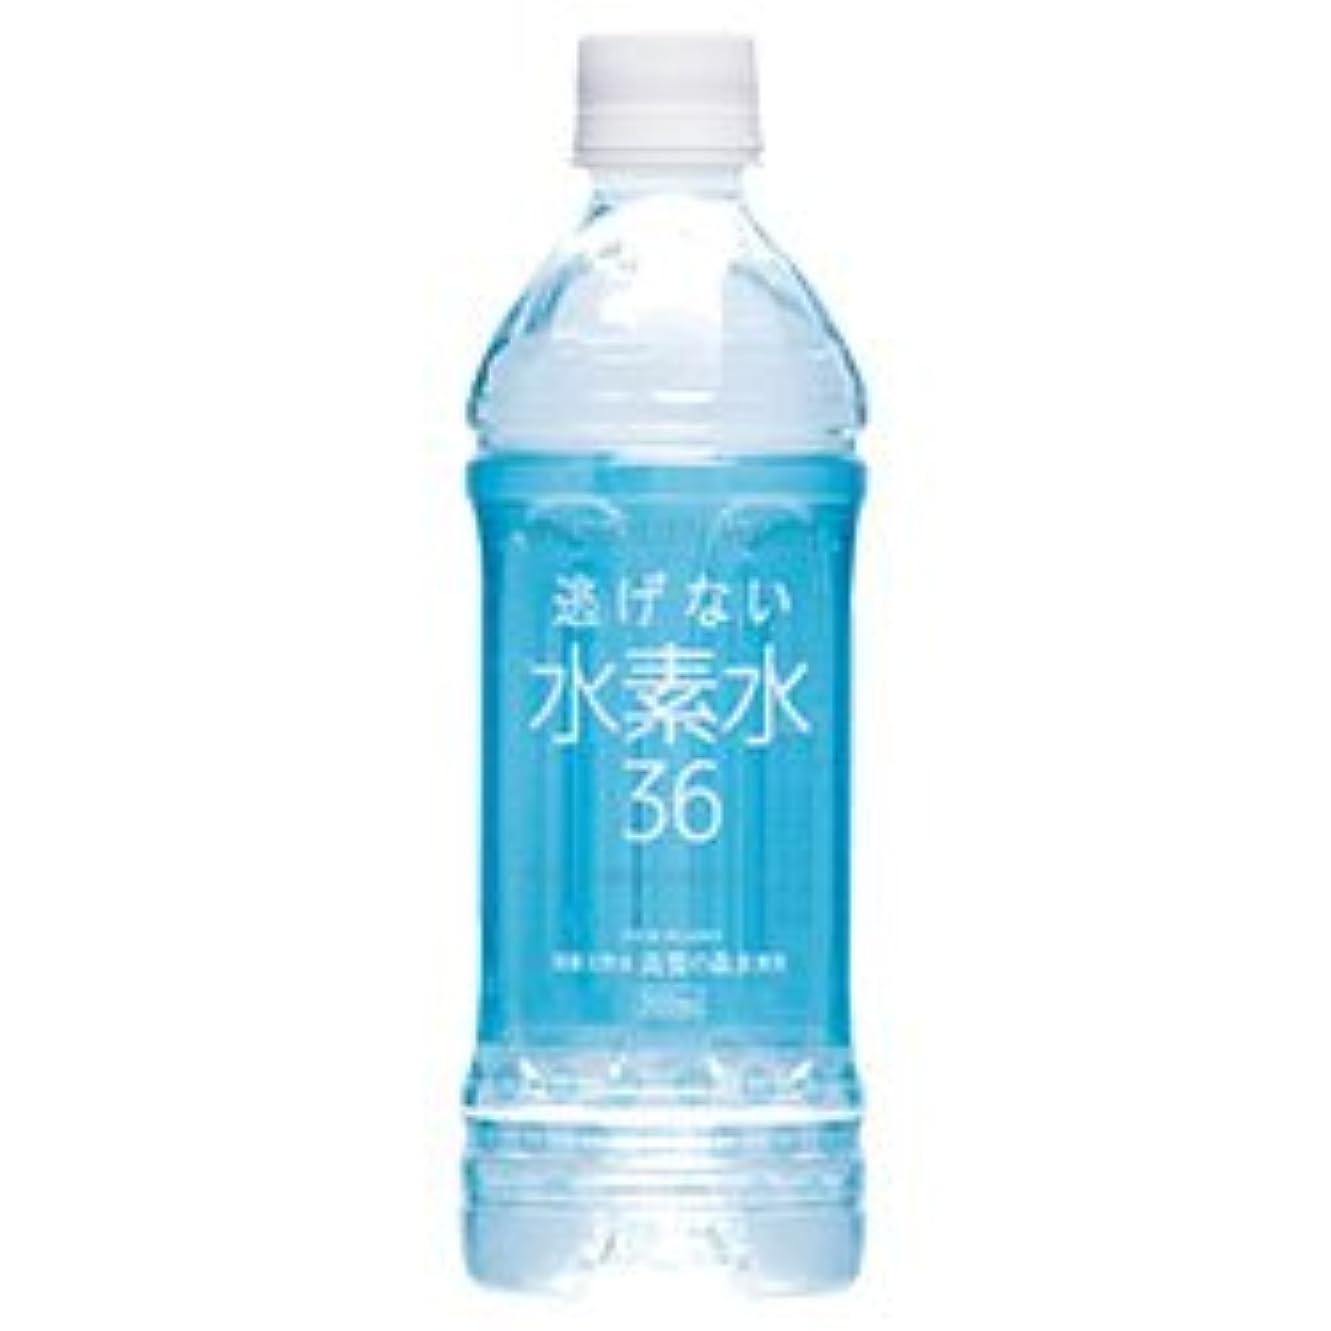 協会たっぷり虫を数える奥長良川名水 水素水36 ブルー 500mlPET×24本入